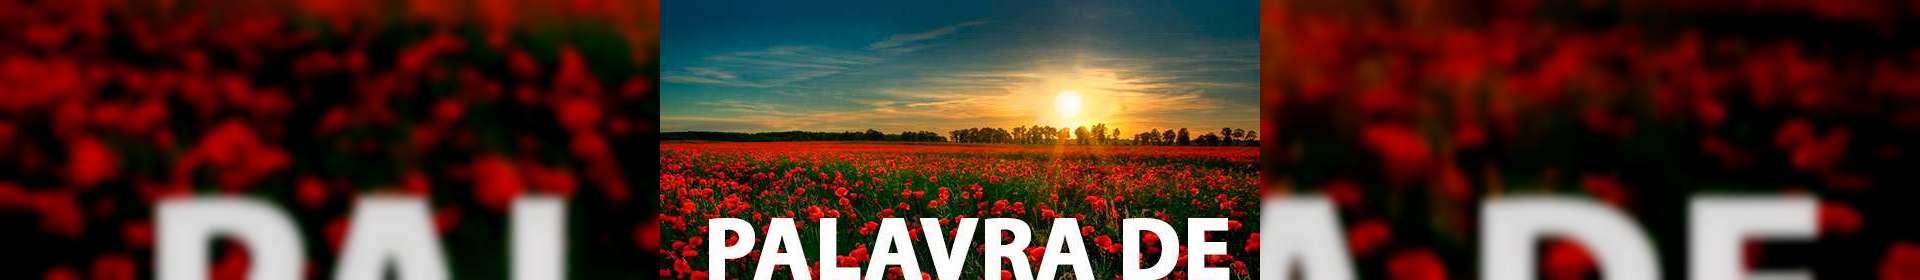 Salmos 29:3 - Uma Palavra de Esperança para sua vida